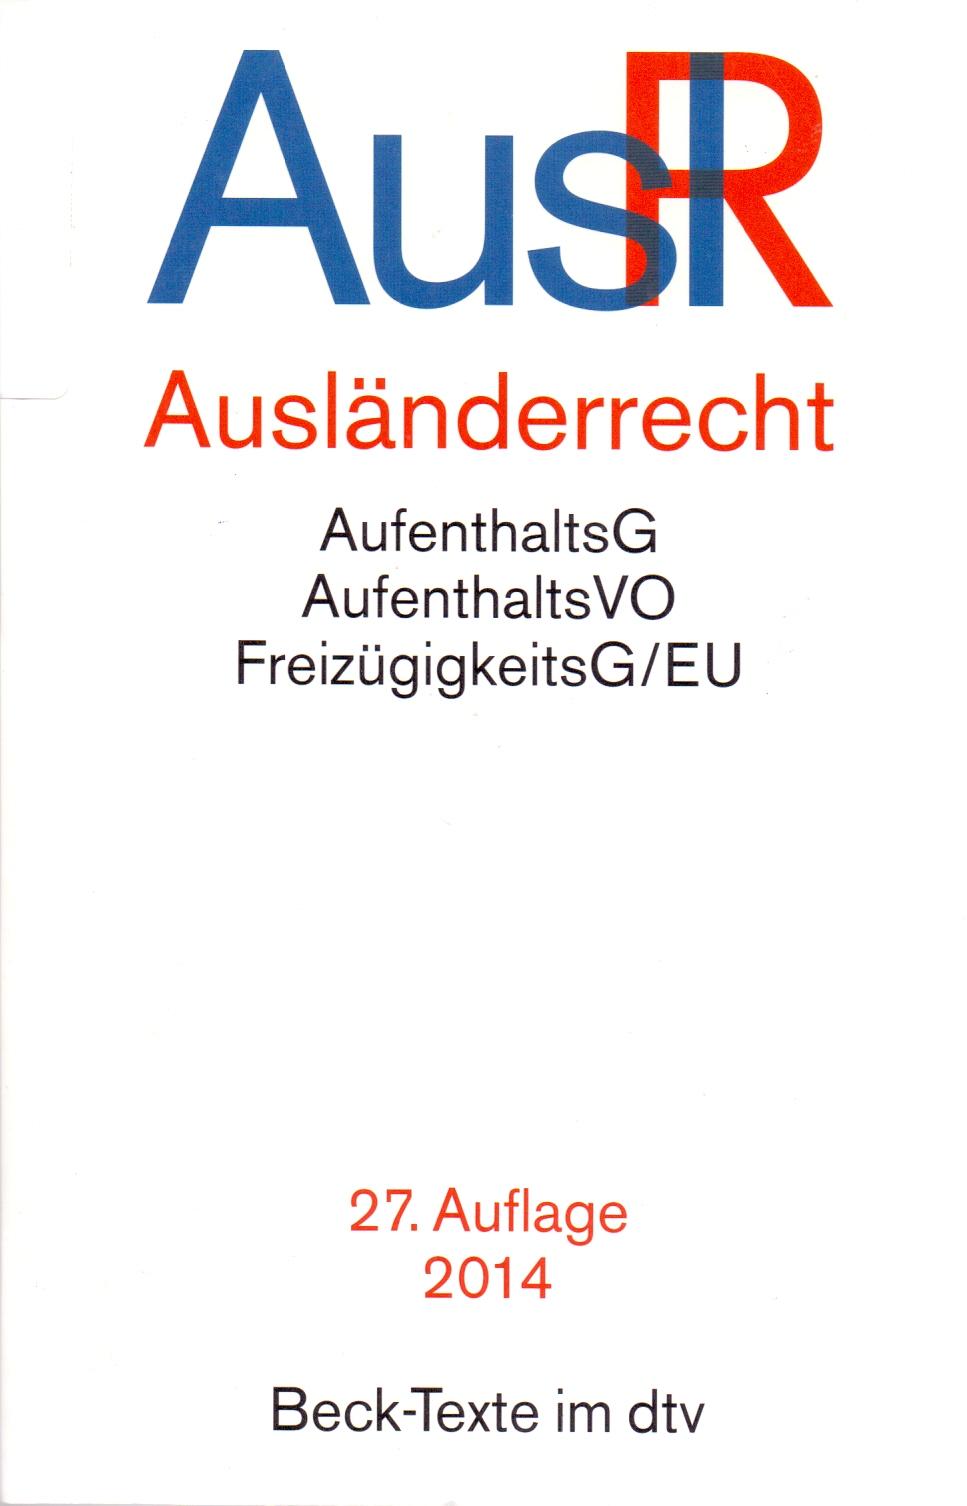 AuslR - Ausländerrech: AufenthaltsG - AufentshaltsVO - FreizügigkeitsG/EU [27. Auflage 2014]